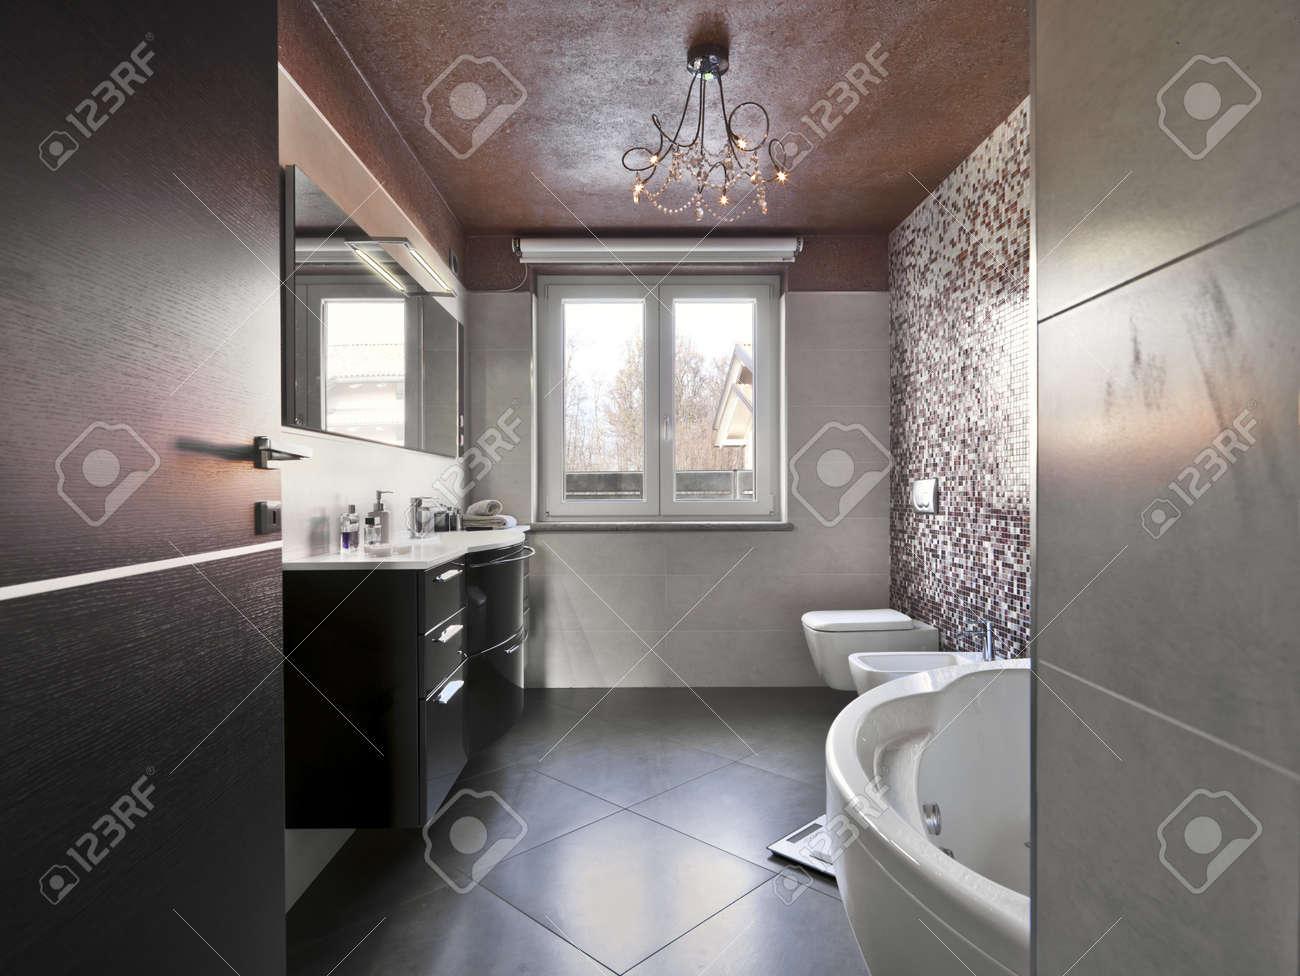 bagno moderno con vasca e lavabo foto royalty free, immagini ... - Bagni Moderni Con Vasca